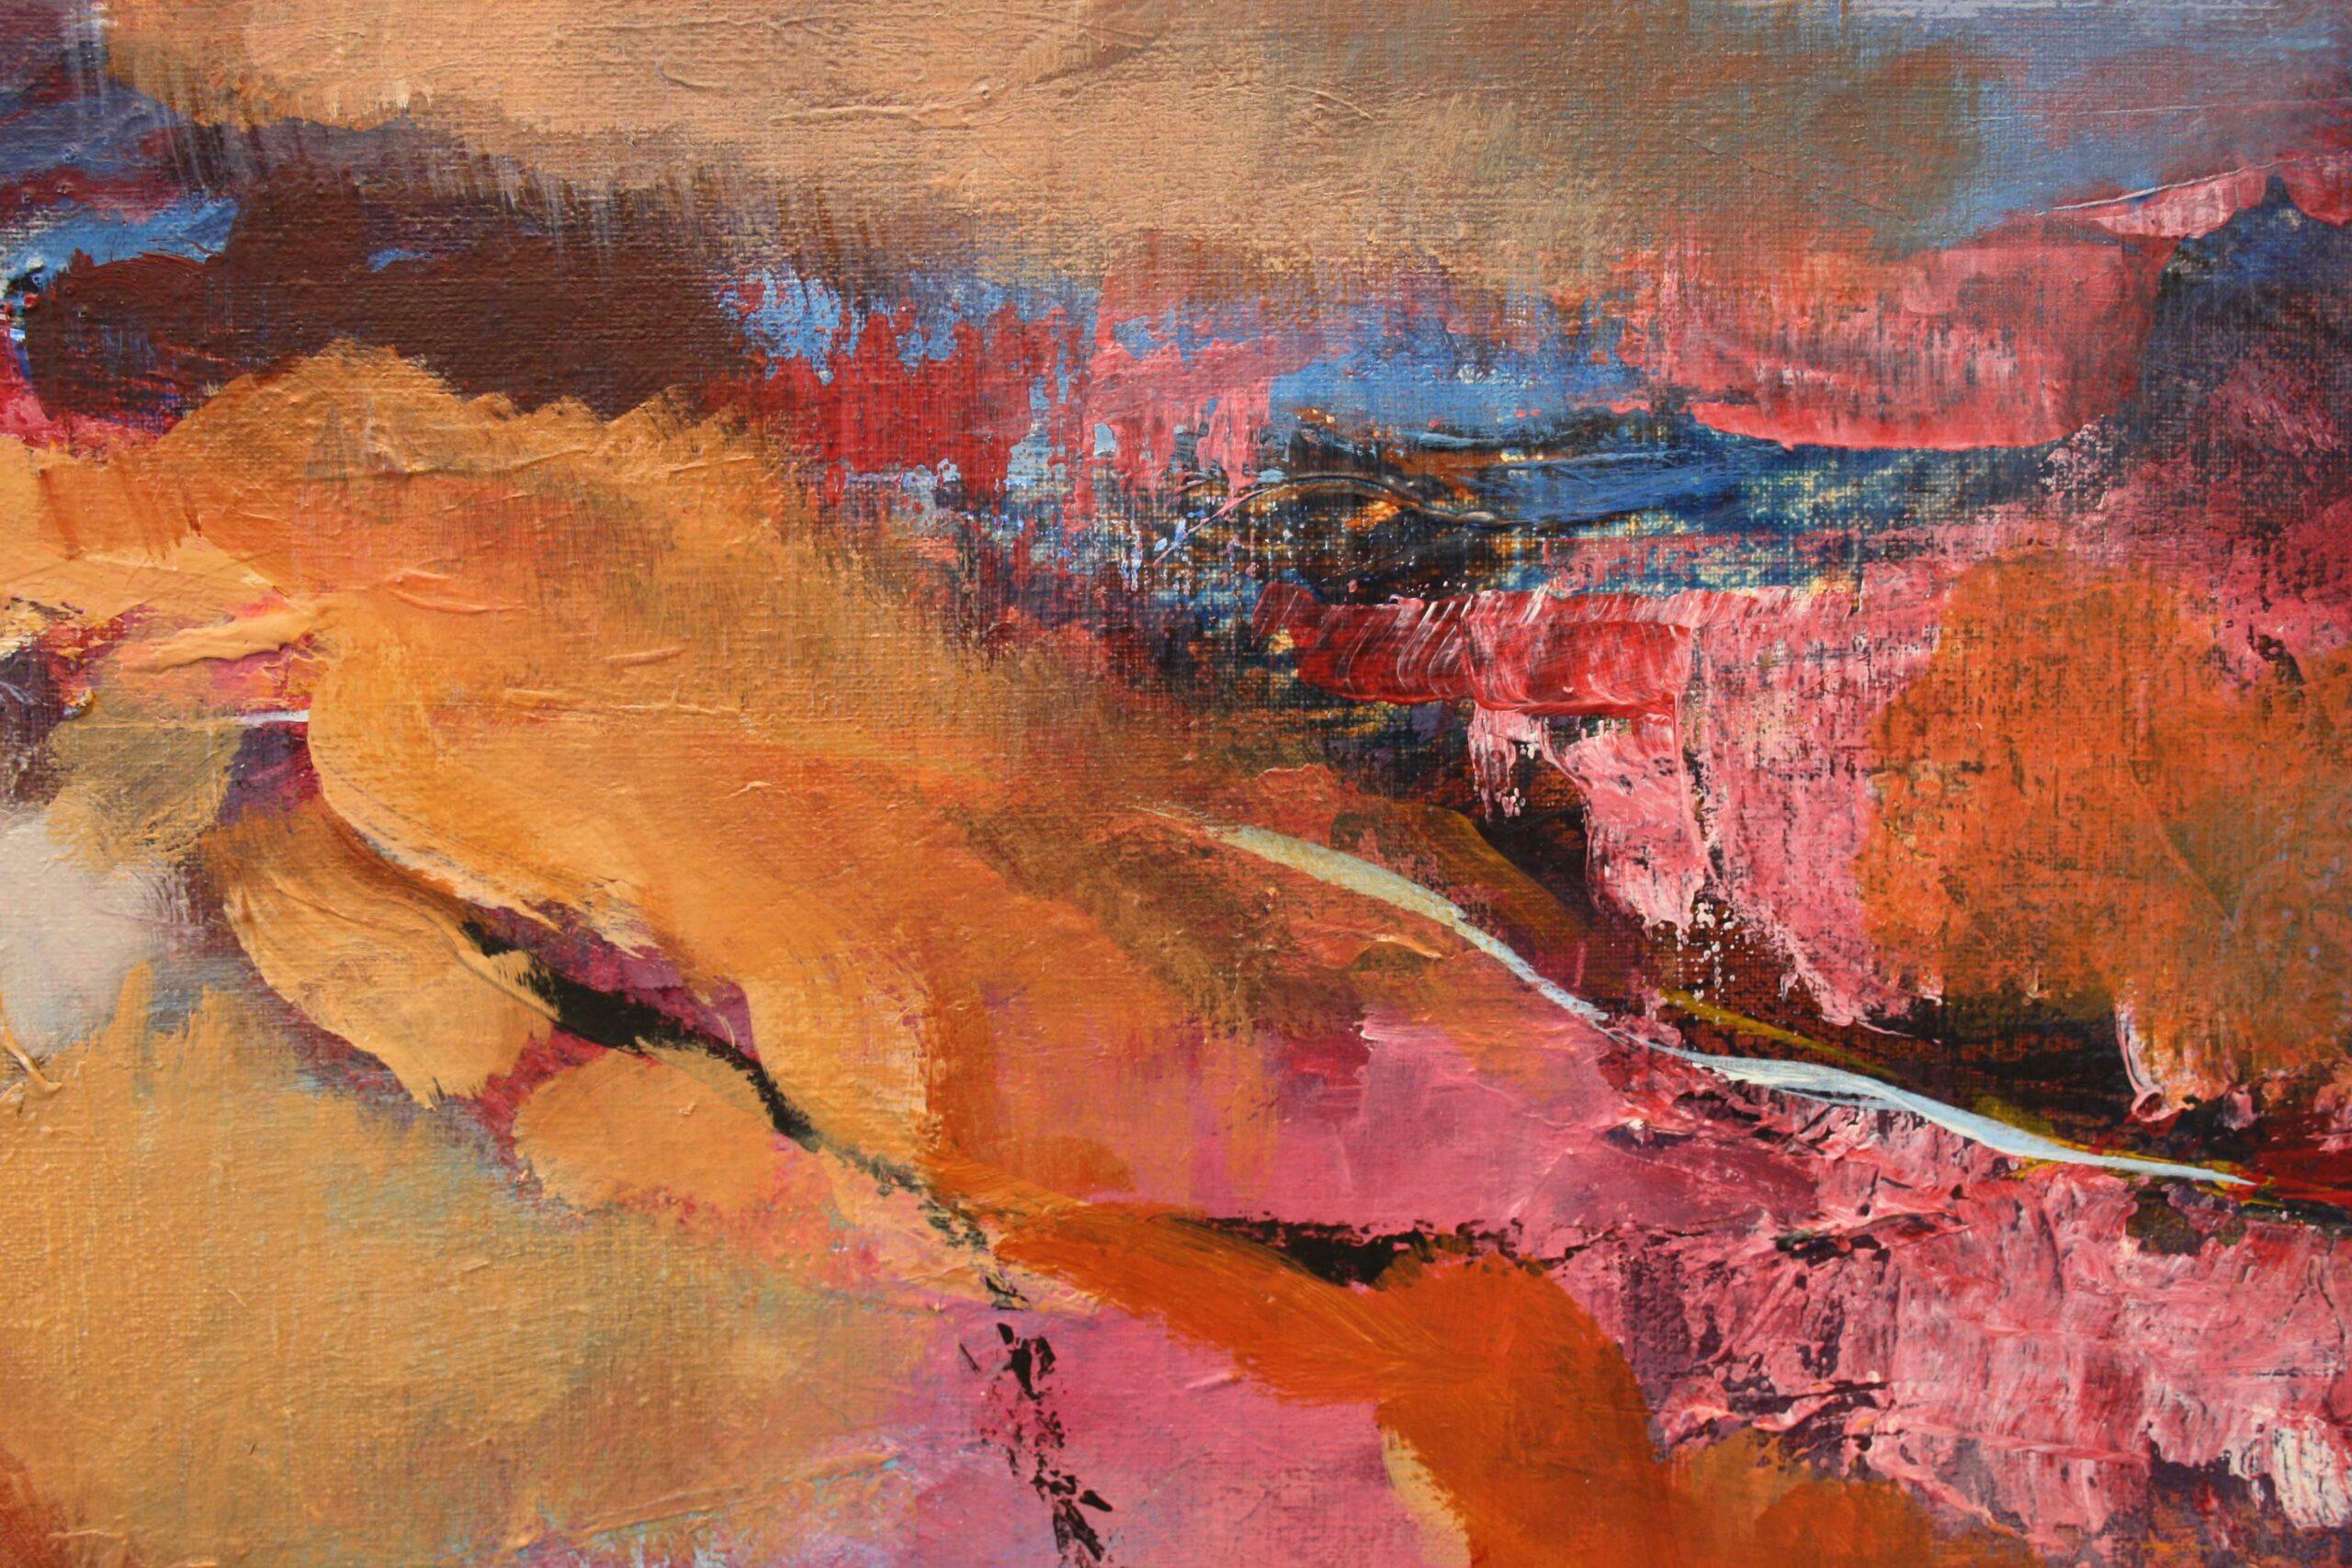 Kunst: Abstract landschap 2110 van kunstenaar Marly Freij(vergezichten)